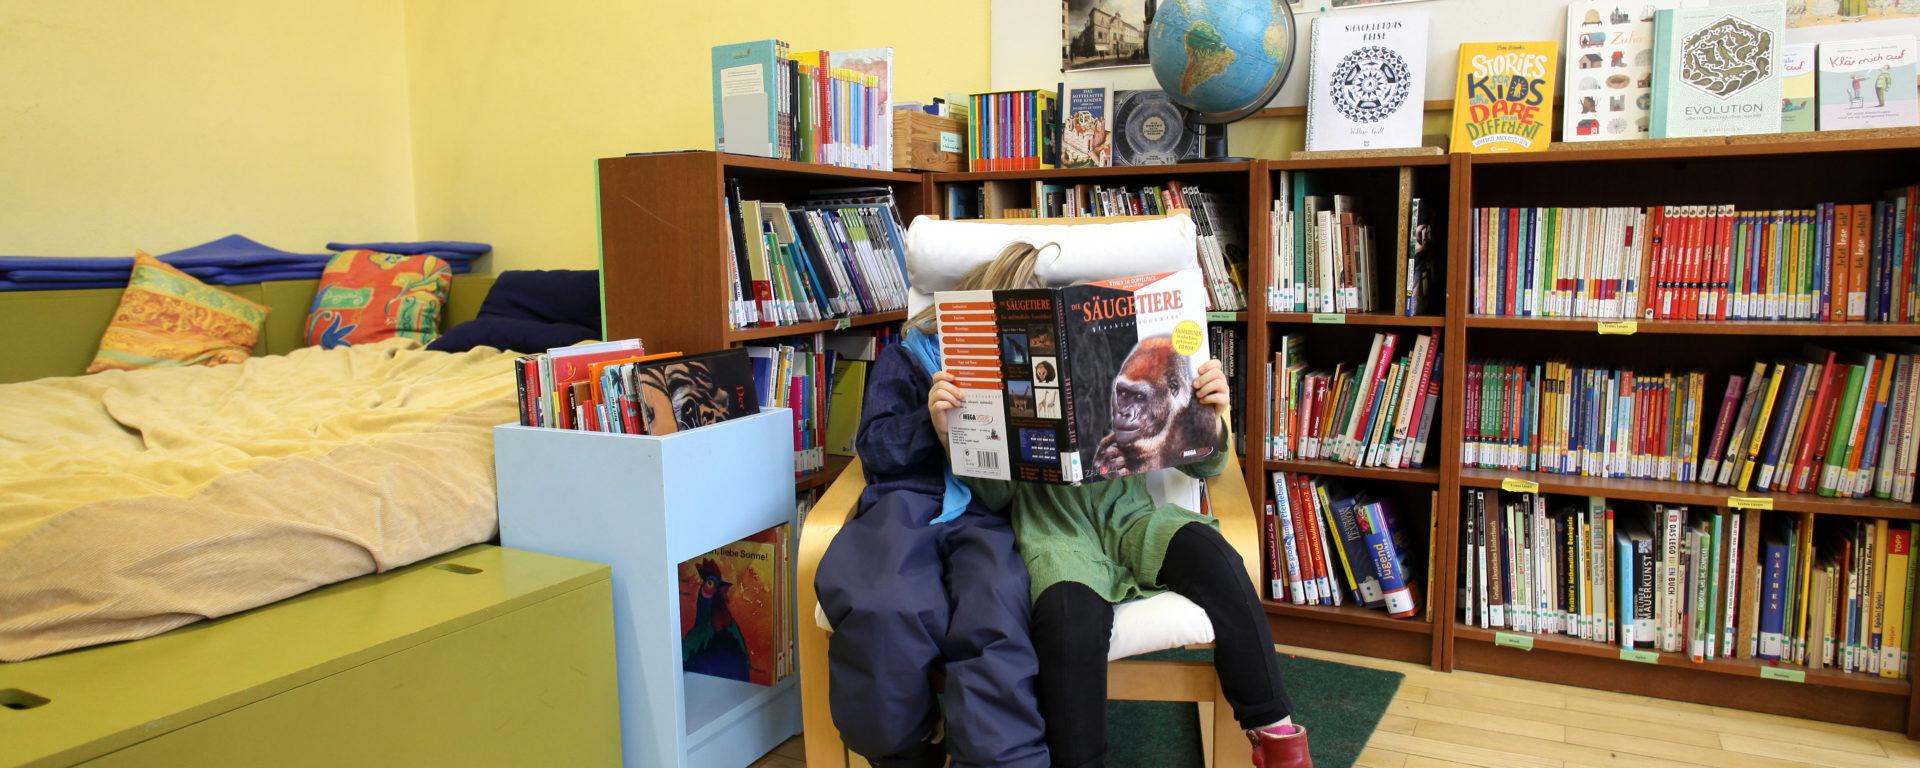 Zwei Schüler*innen teilen sich einen Stuhl beim Lesen in der Schulbibliothek